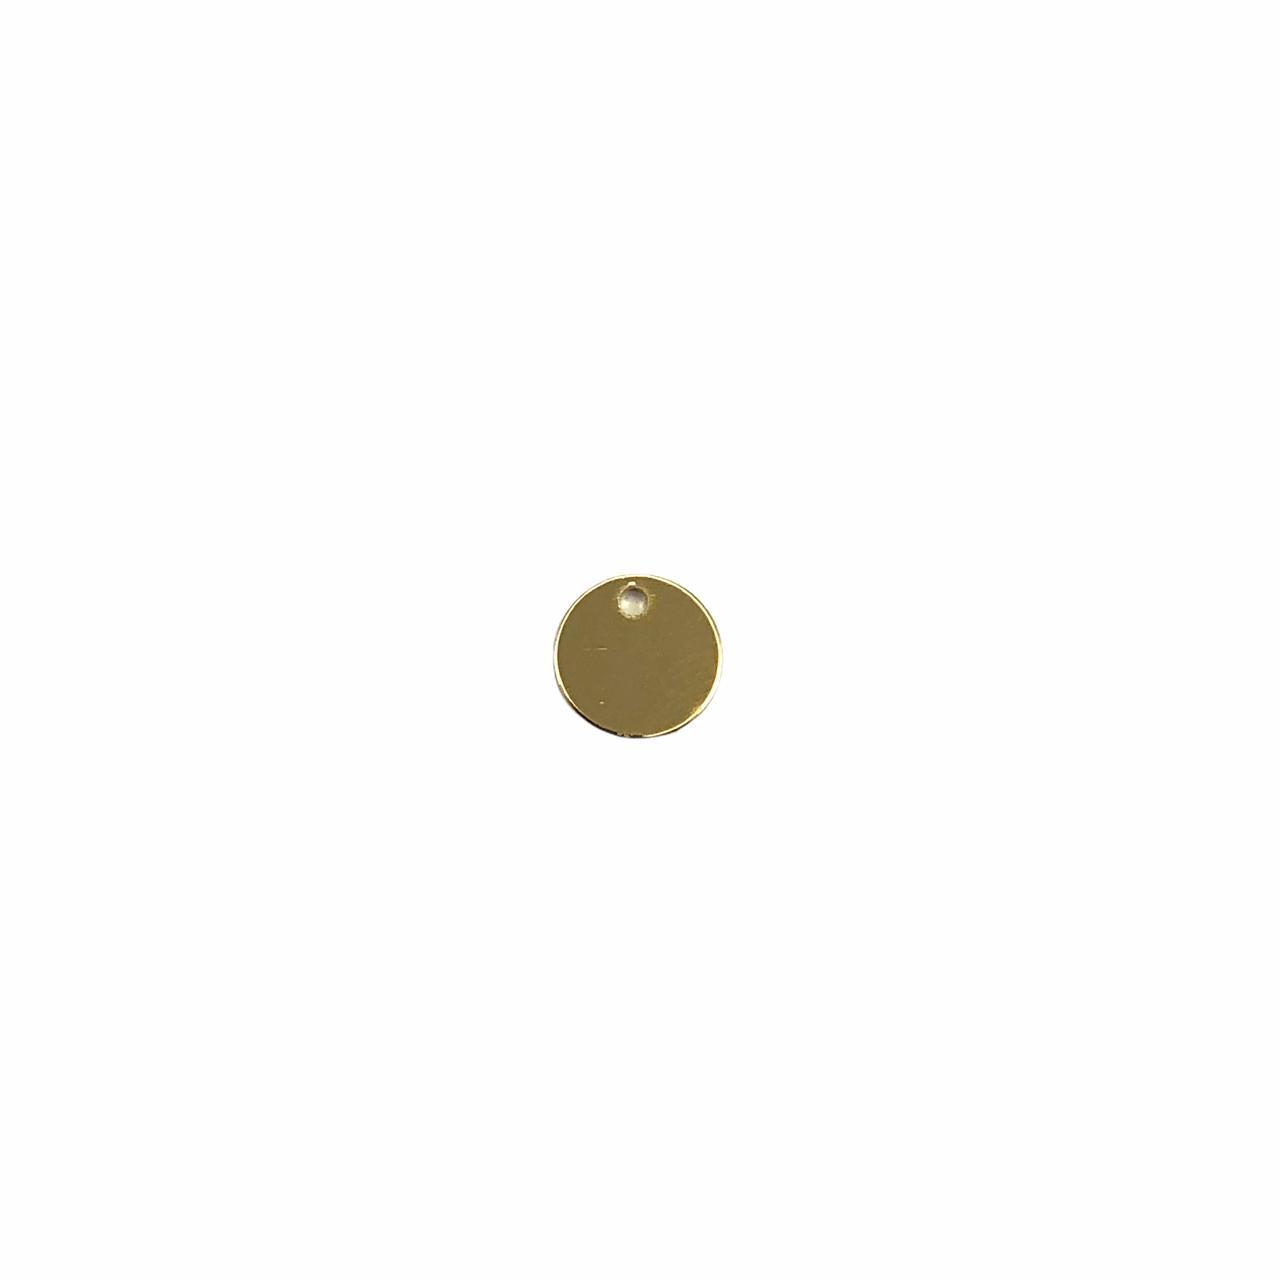 PG848 - Pingente Redondo 6mm Banhado Cor Dourado - 10Unids